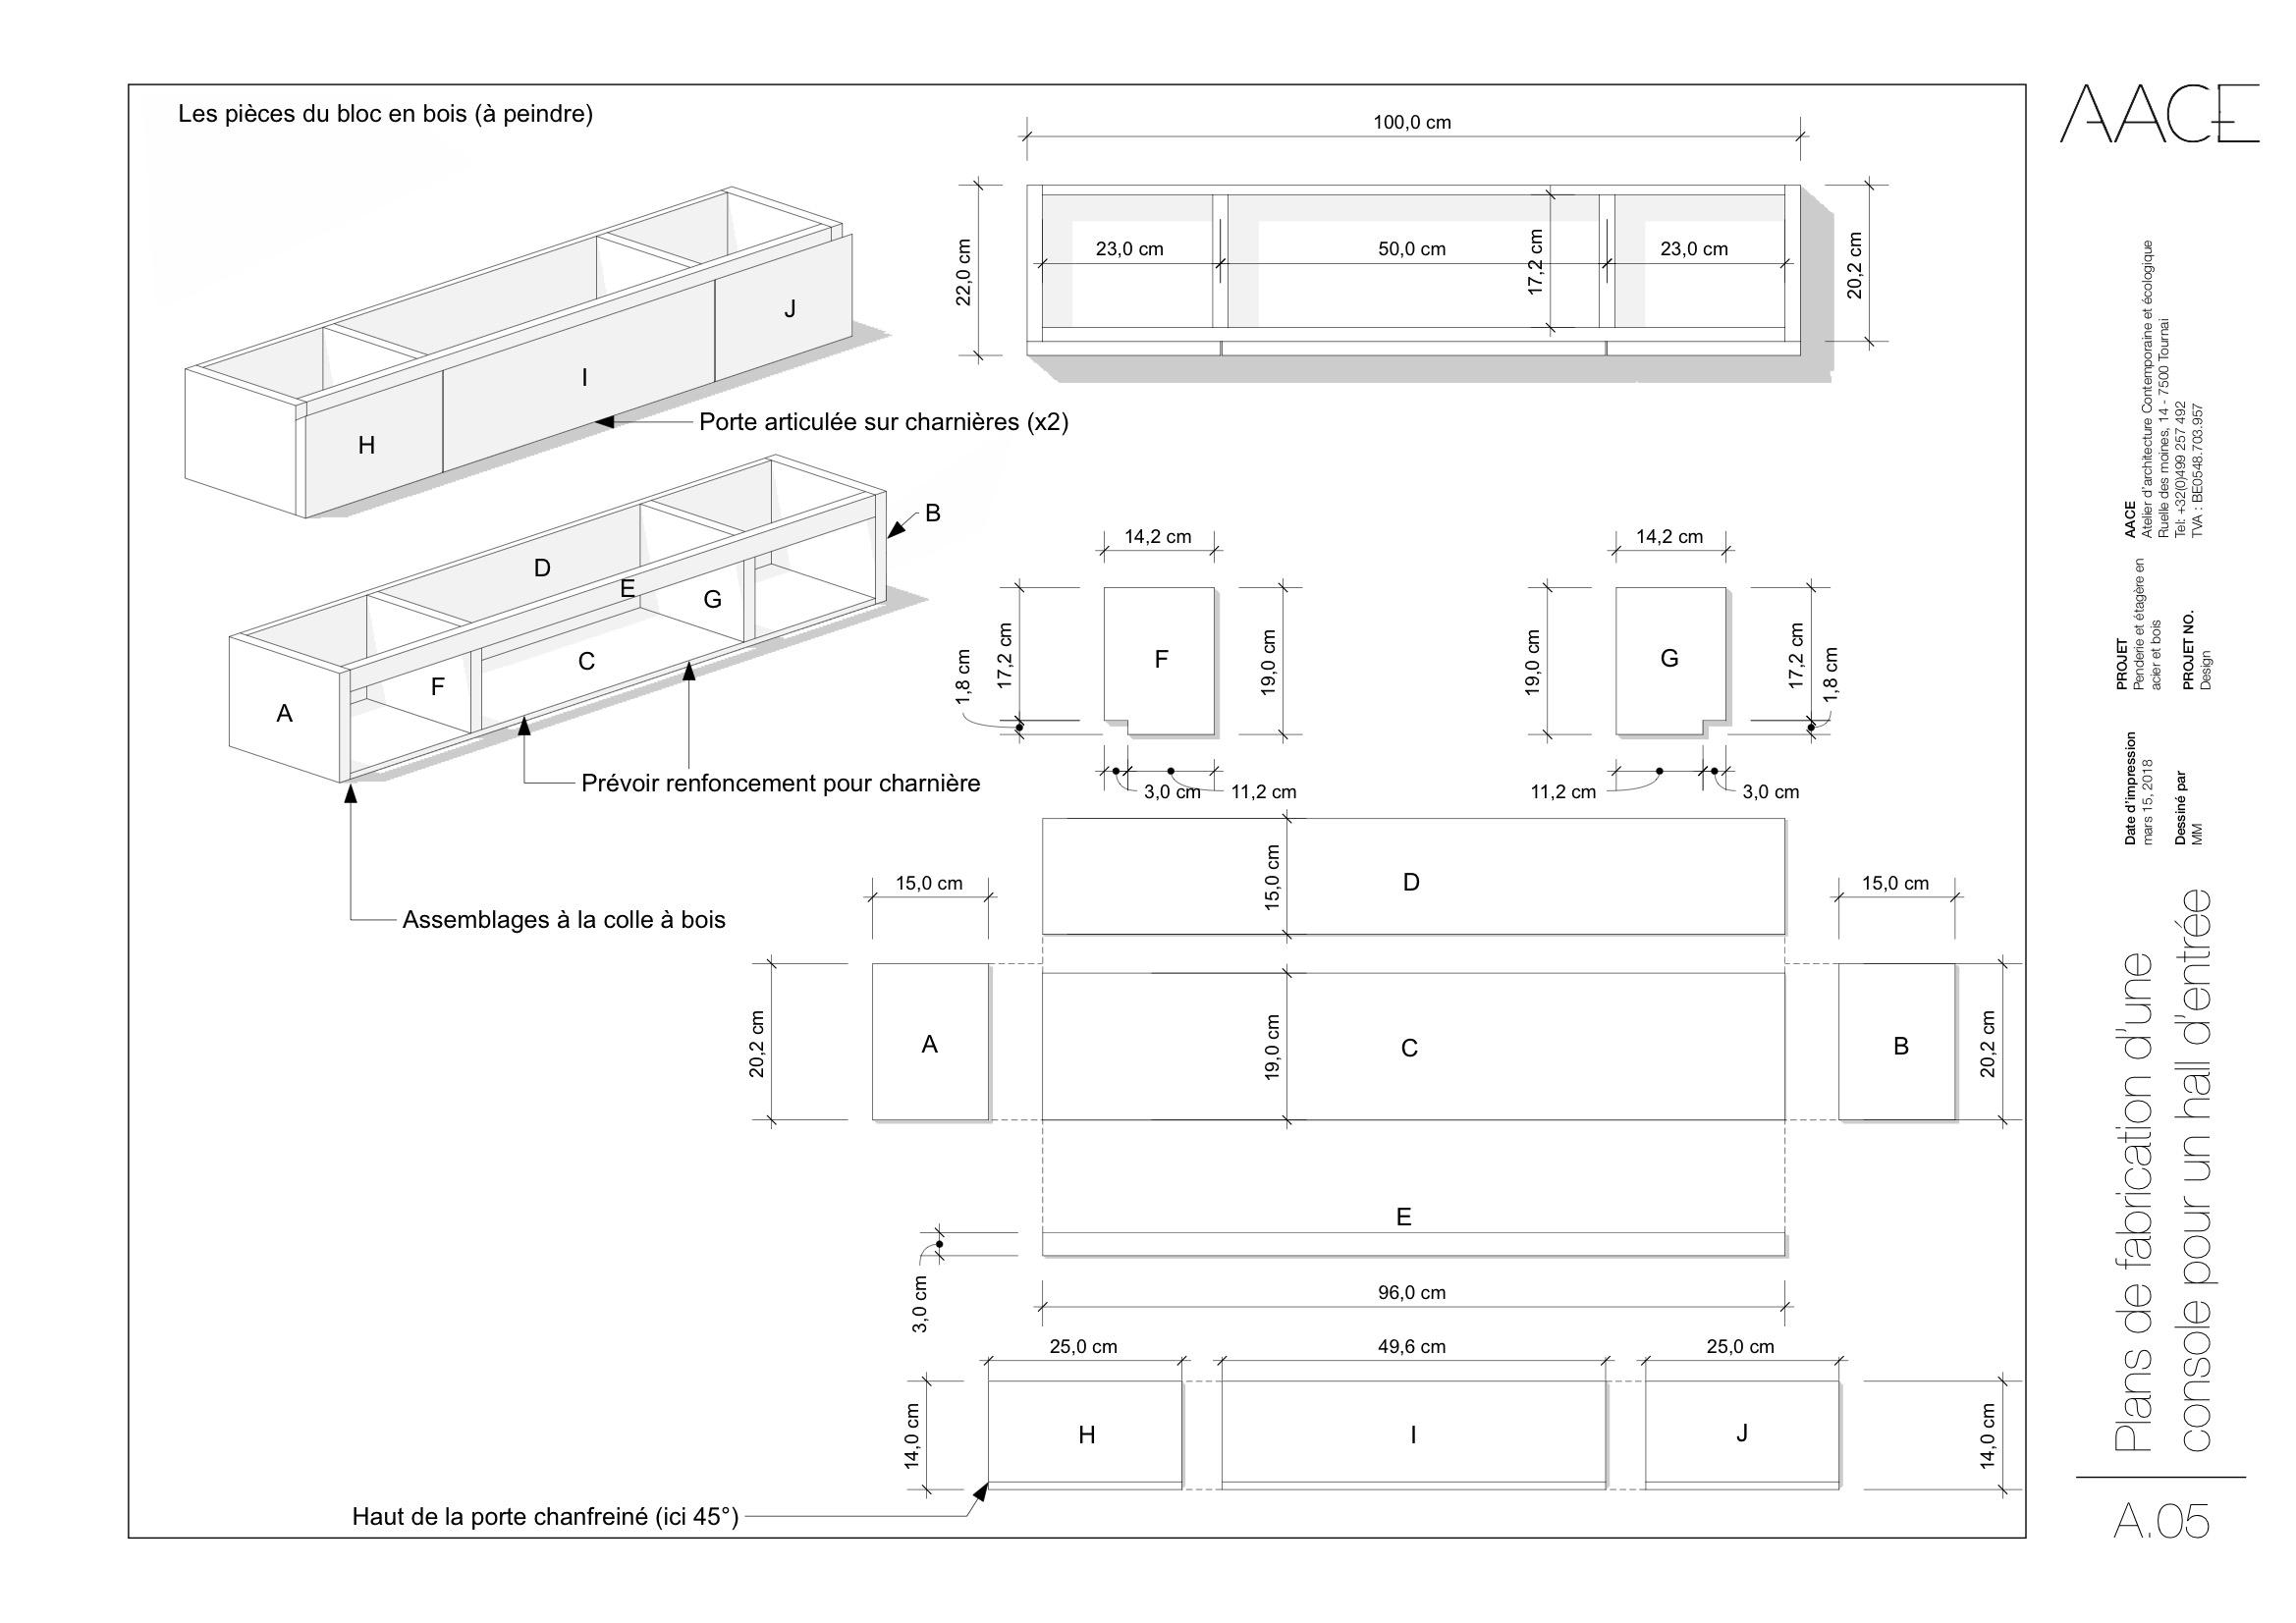 Plans de montage_4